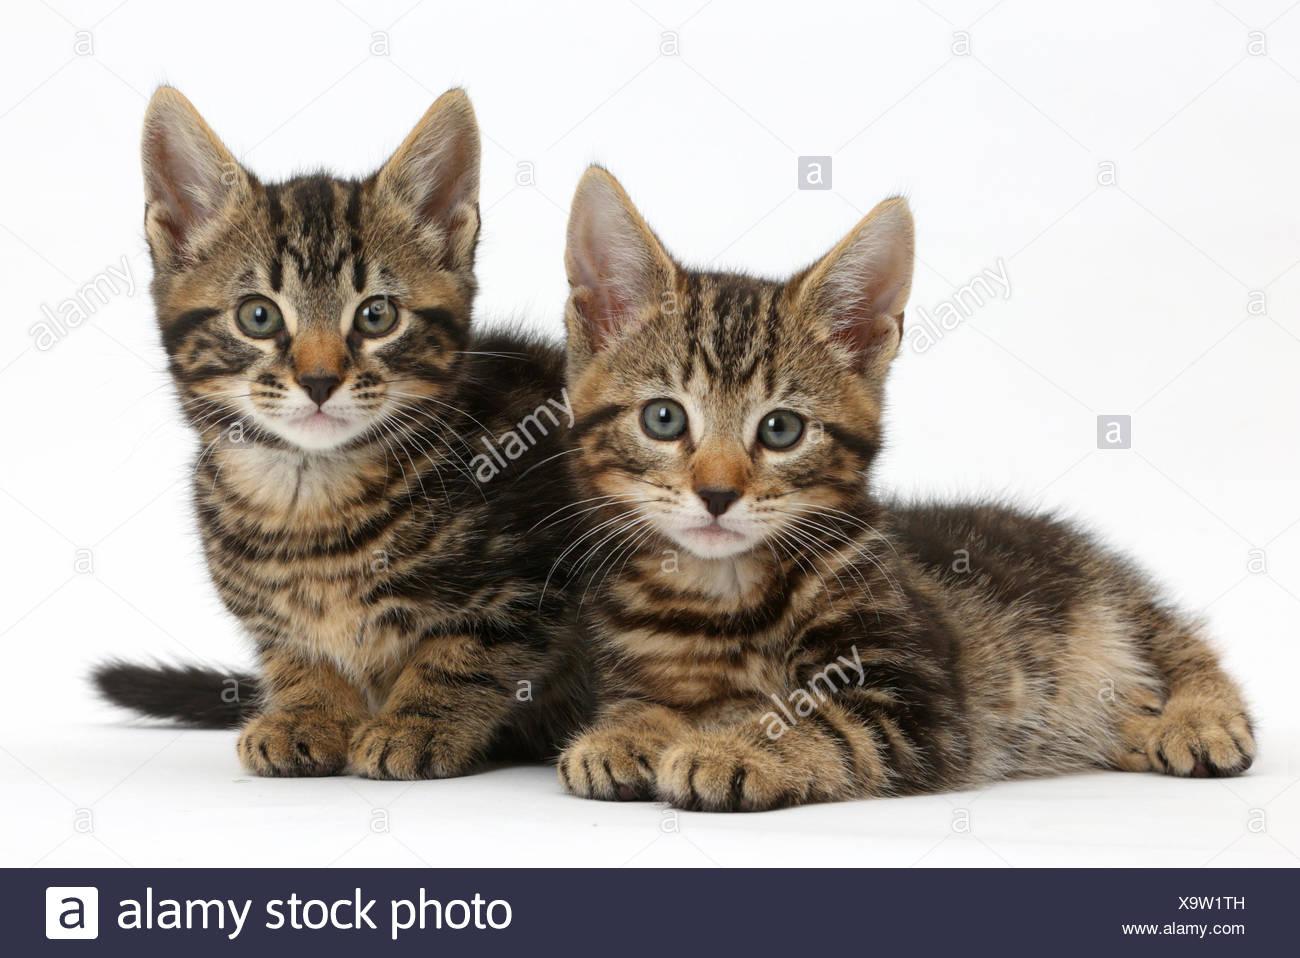 Zwei Tabby Kätzchen, Wisch- und Picasso, 8 Wochen. Stockbild